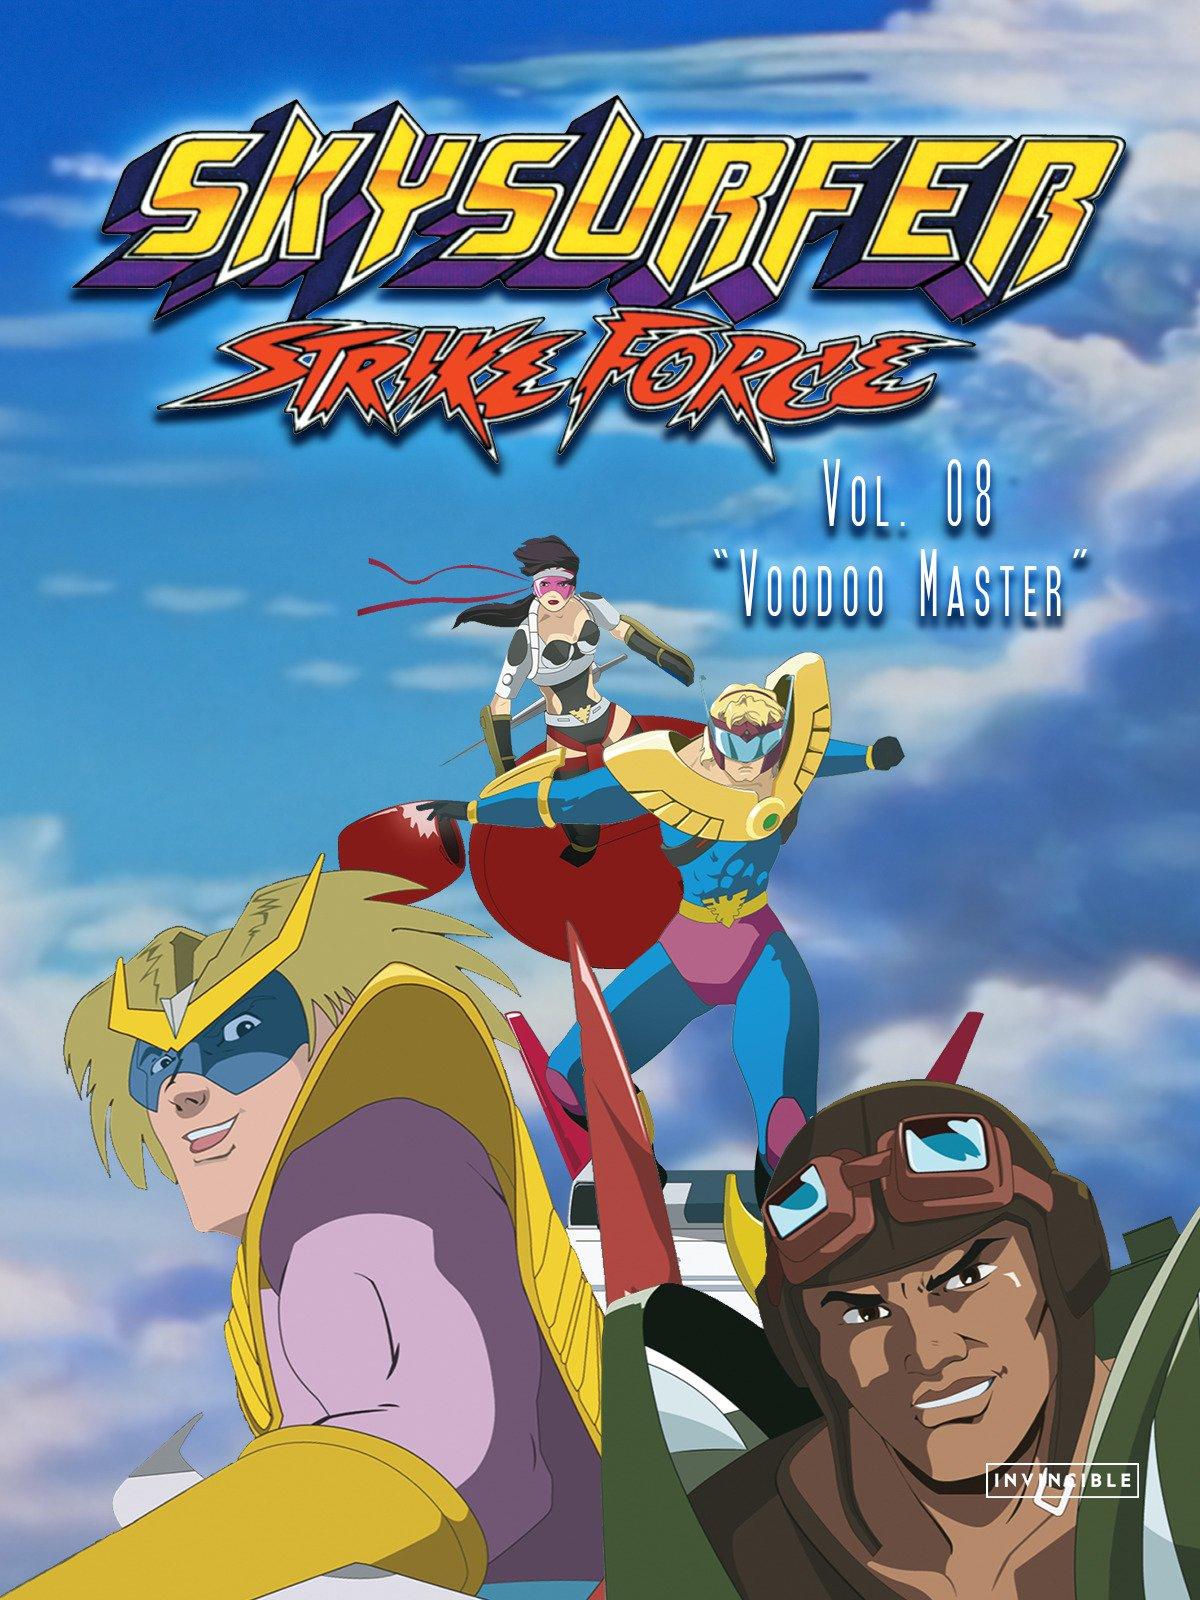 Skysurfer Strike Force Vol. 08Voodoo Master